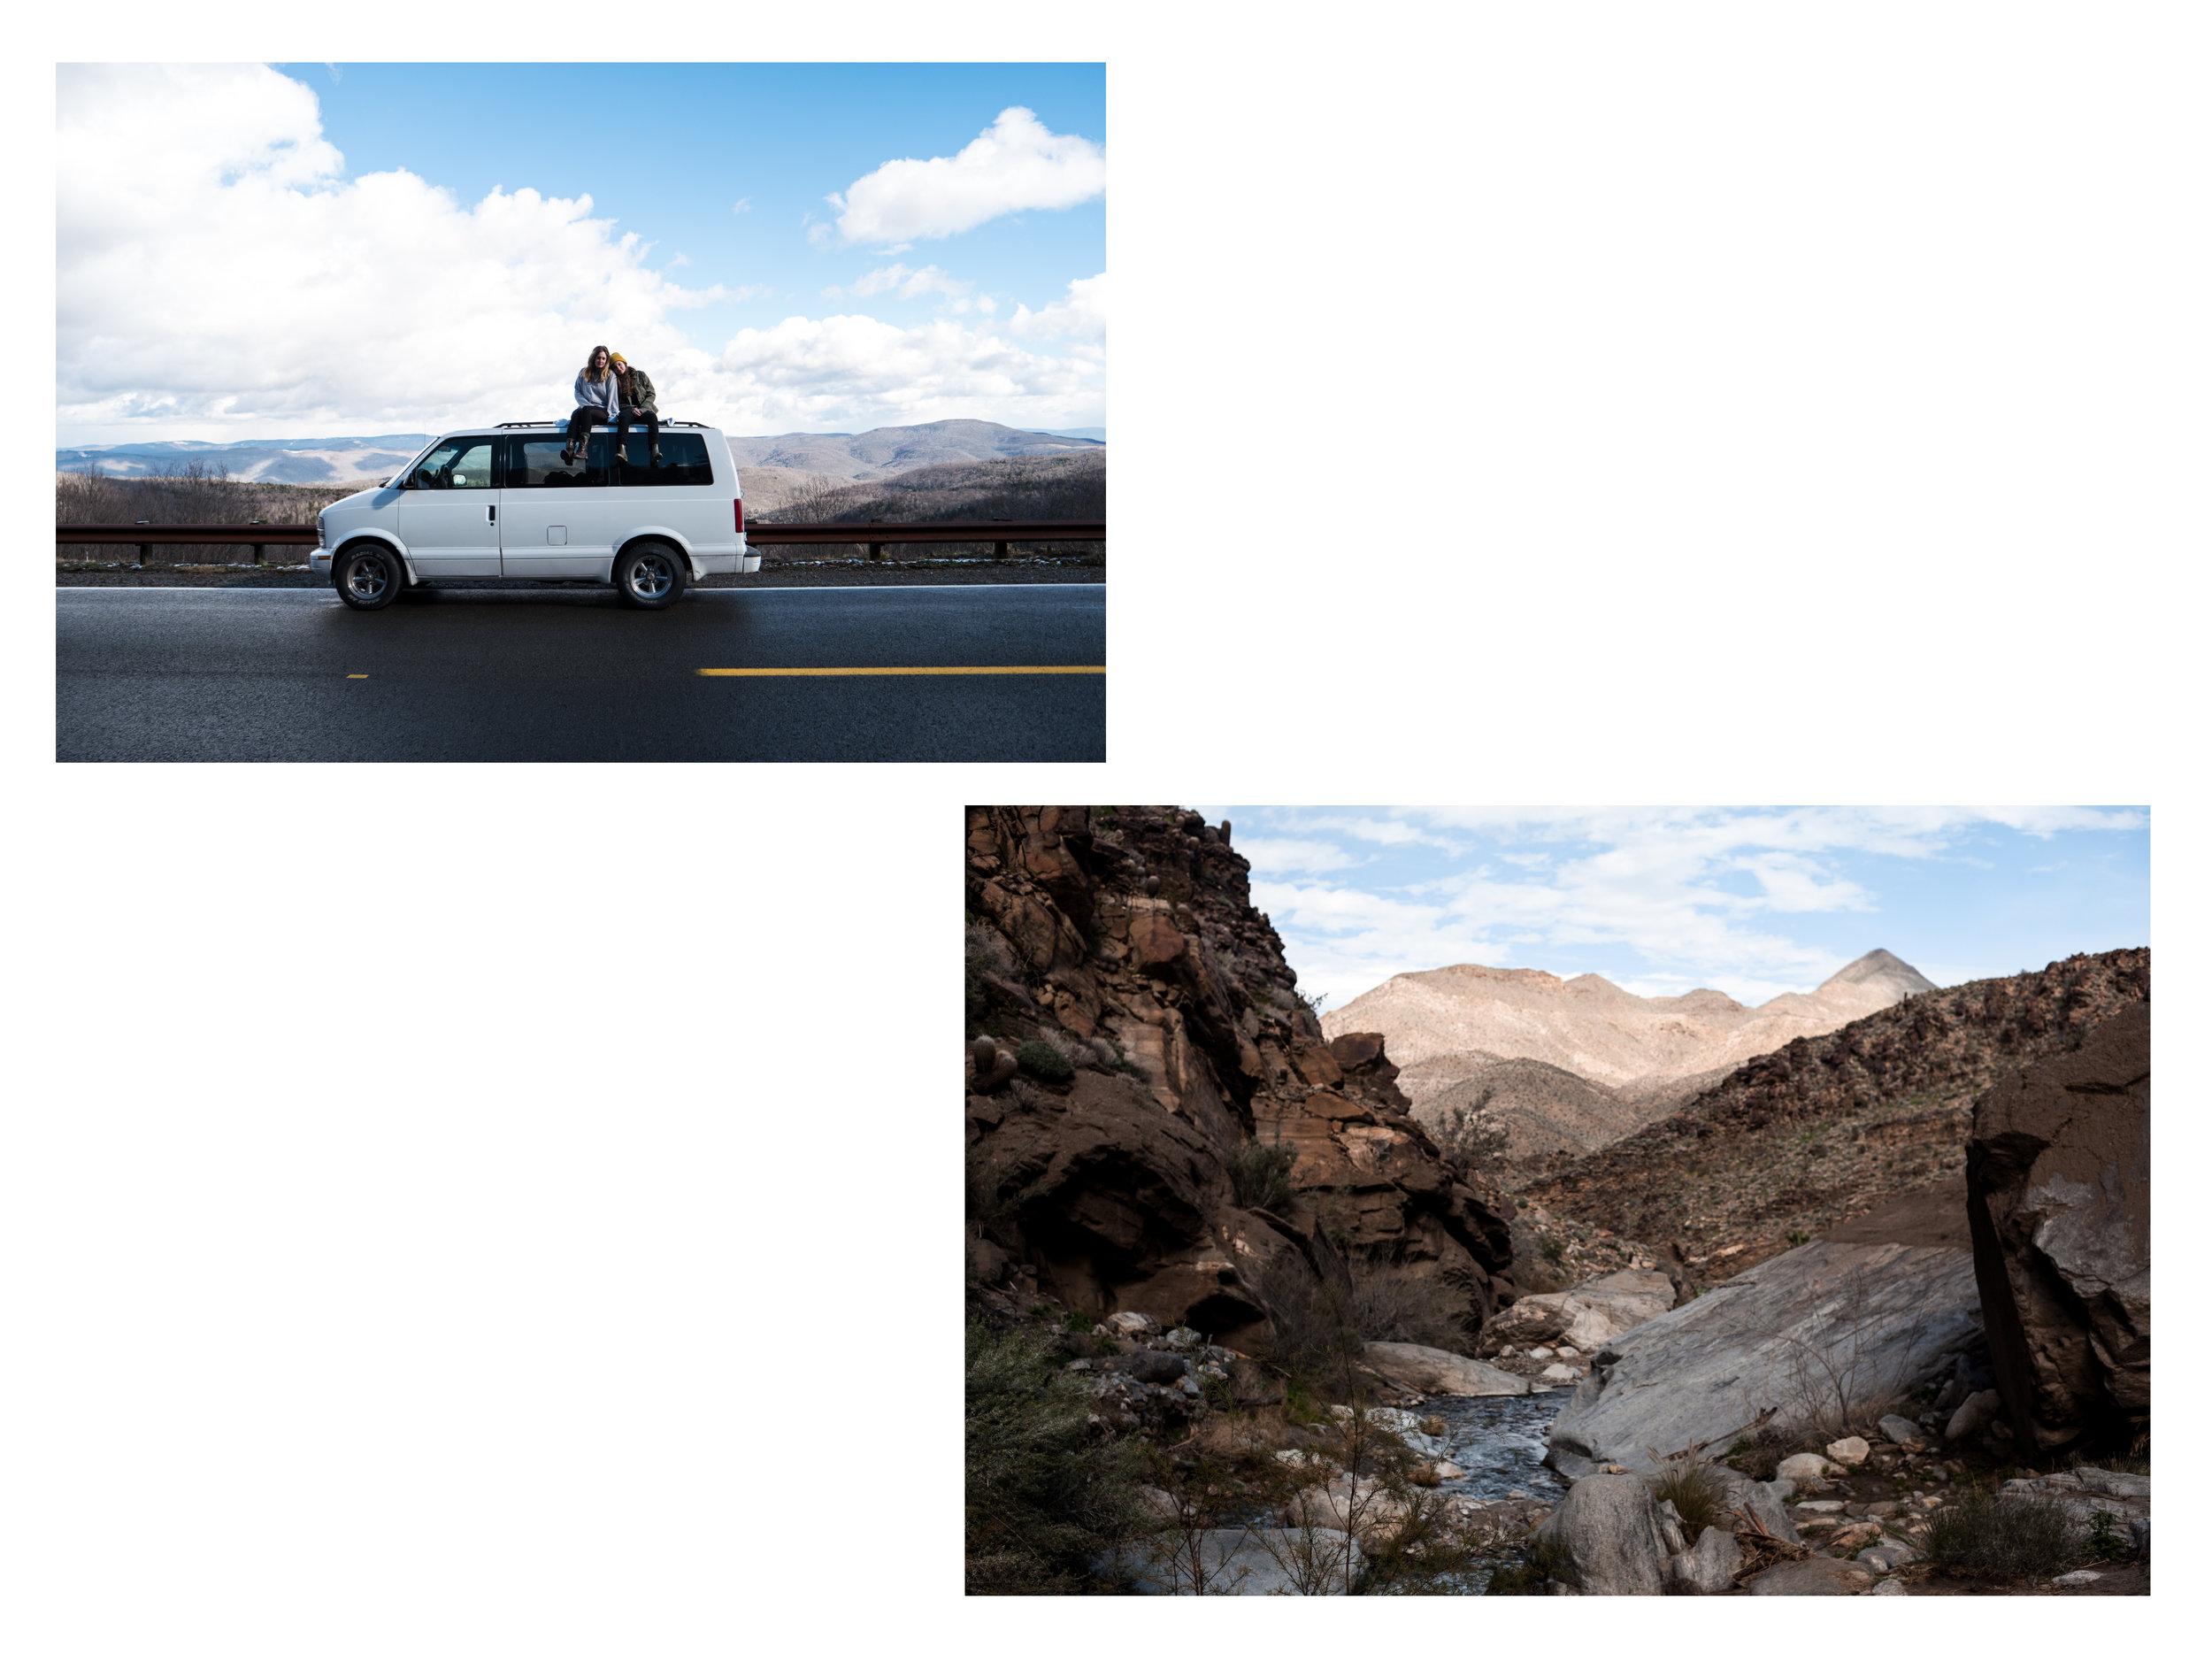 landscape-portrait-7.jpg